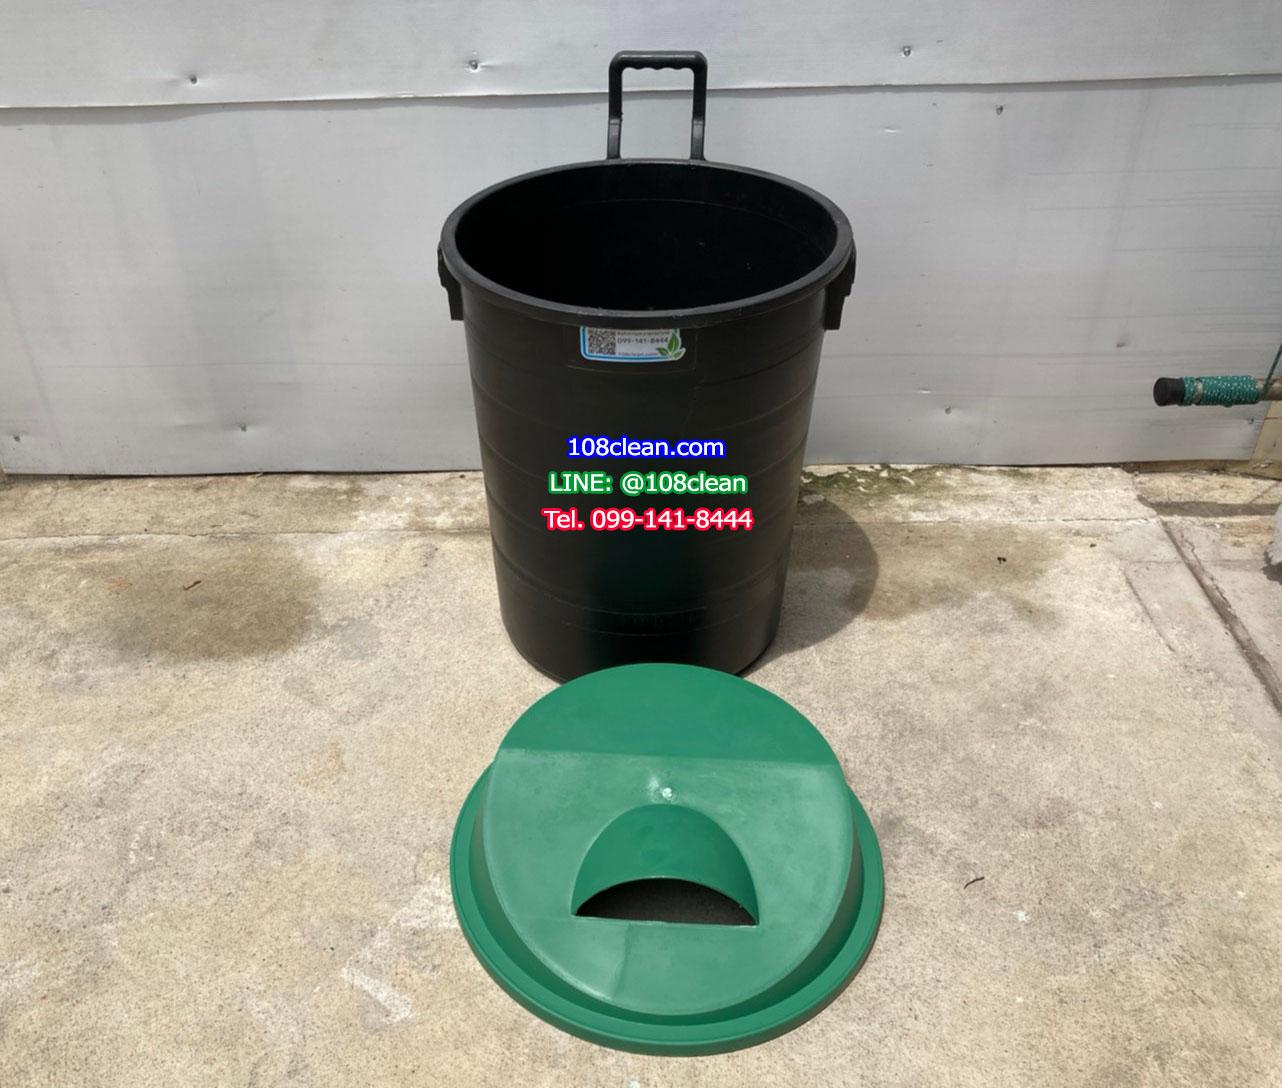 ถังขยะพฤกษา ตัวถังสีดำ มีล้อลาก